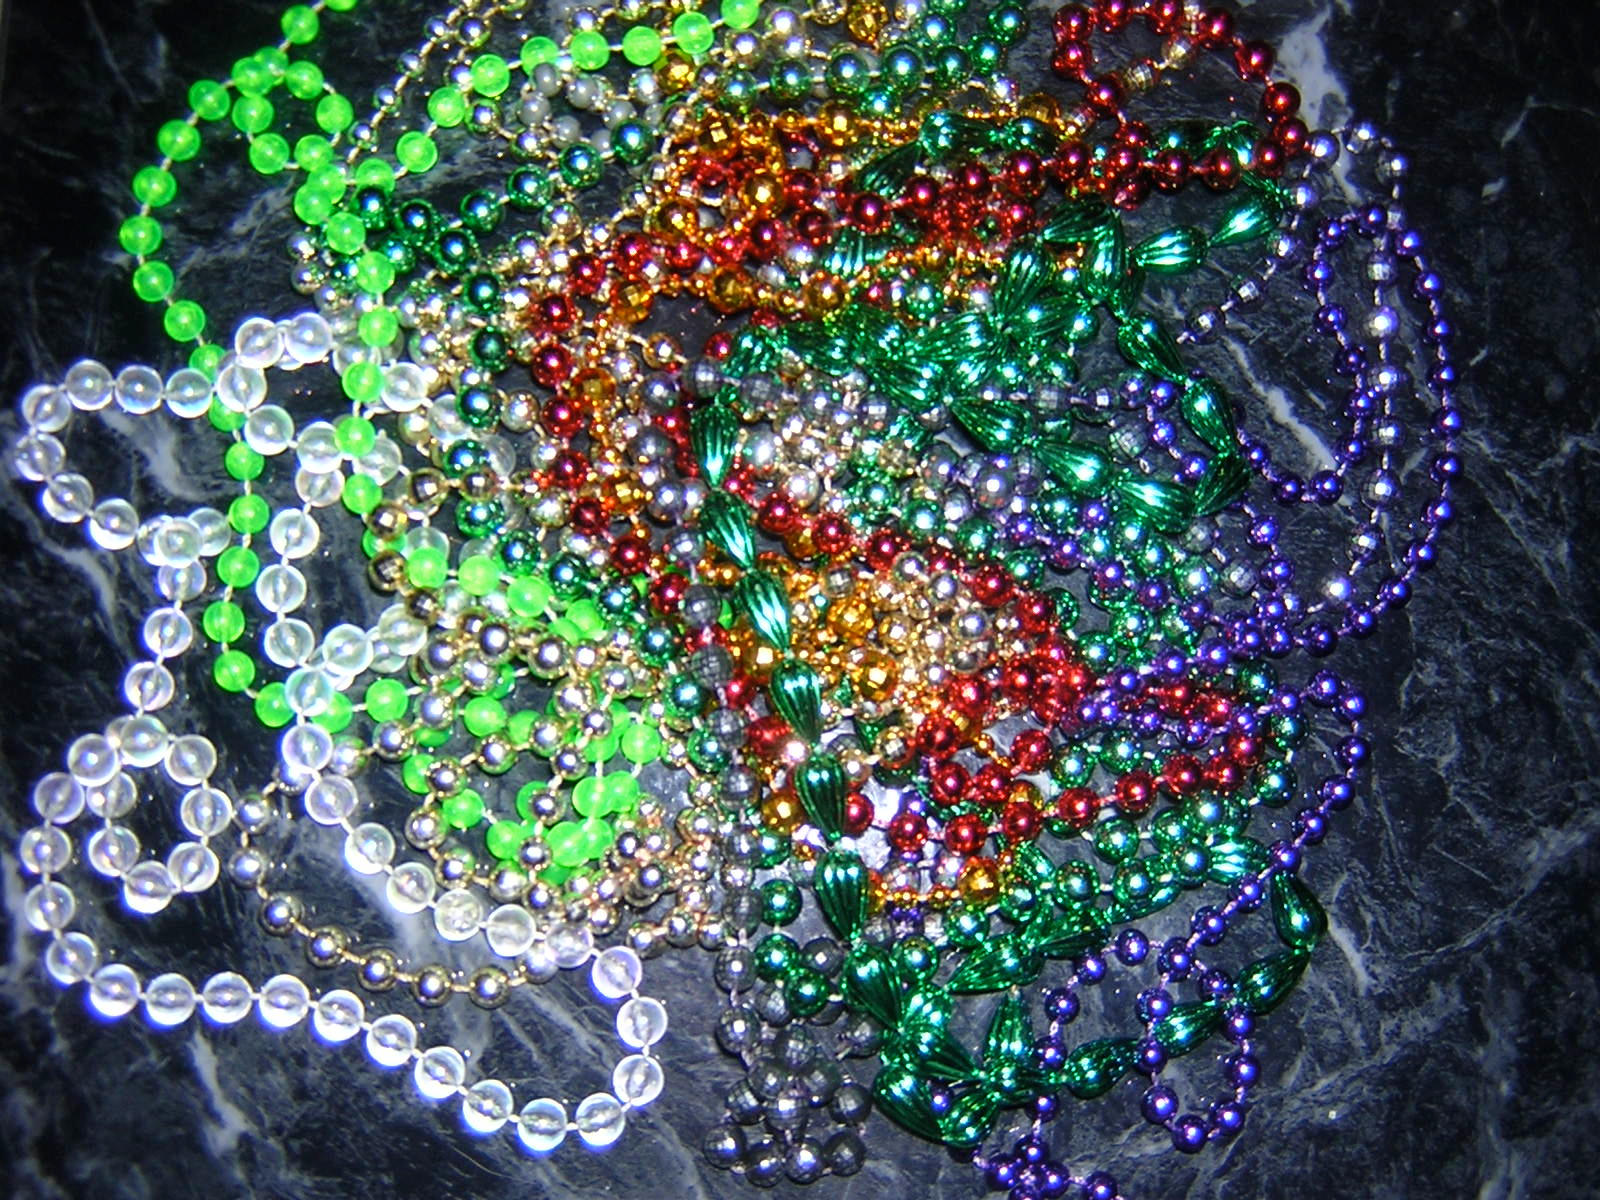 mardi gras beads by SkornedWolfe-stock